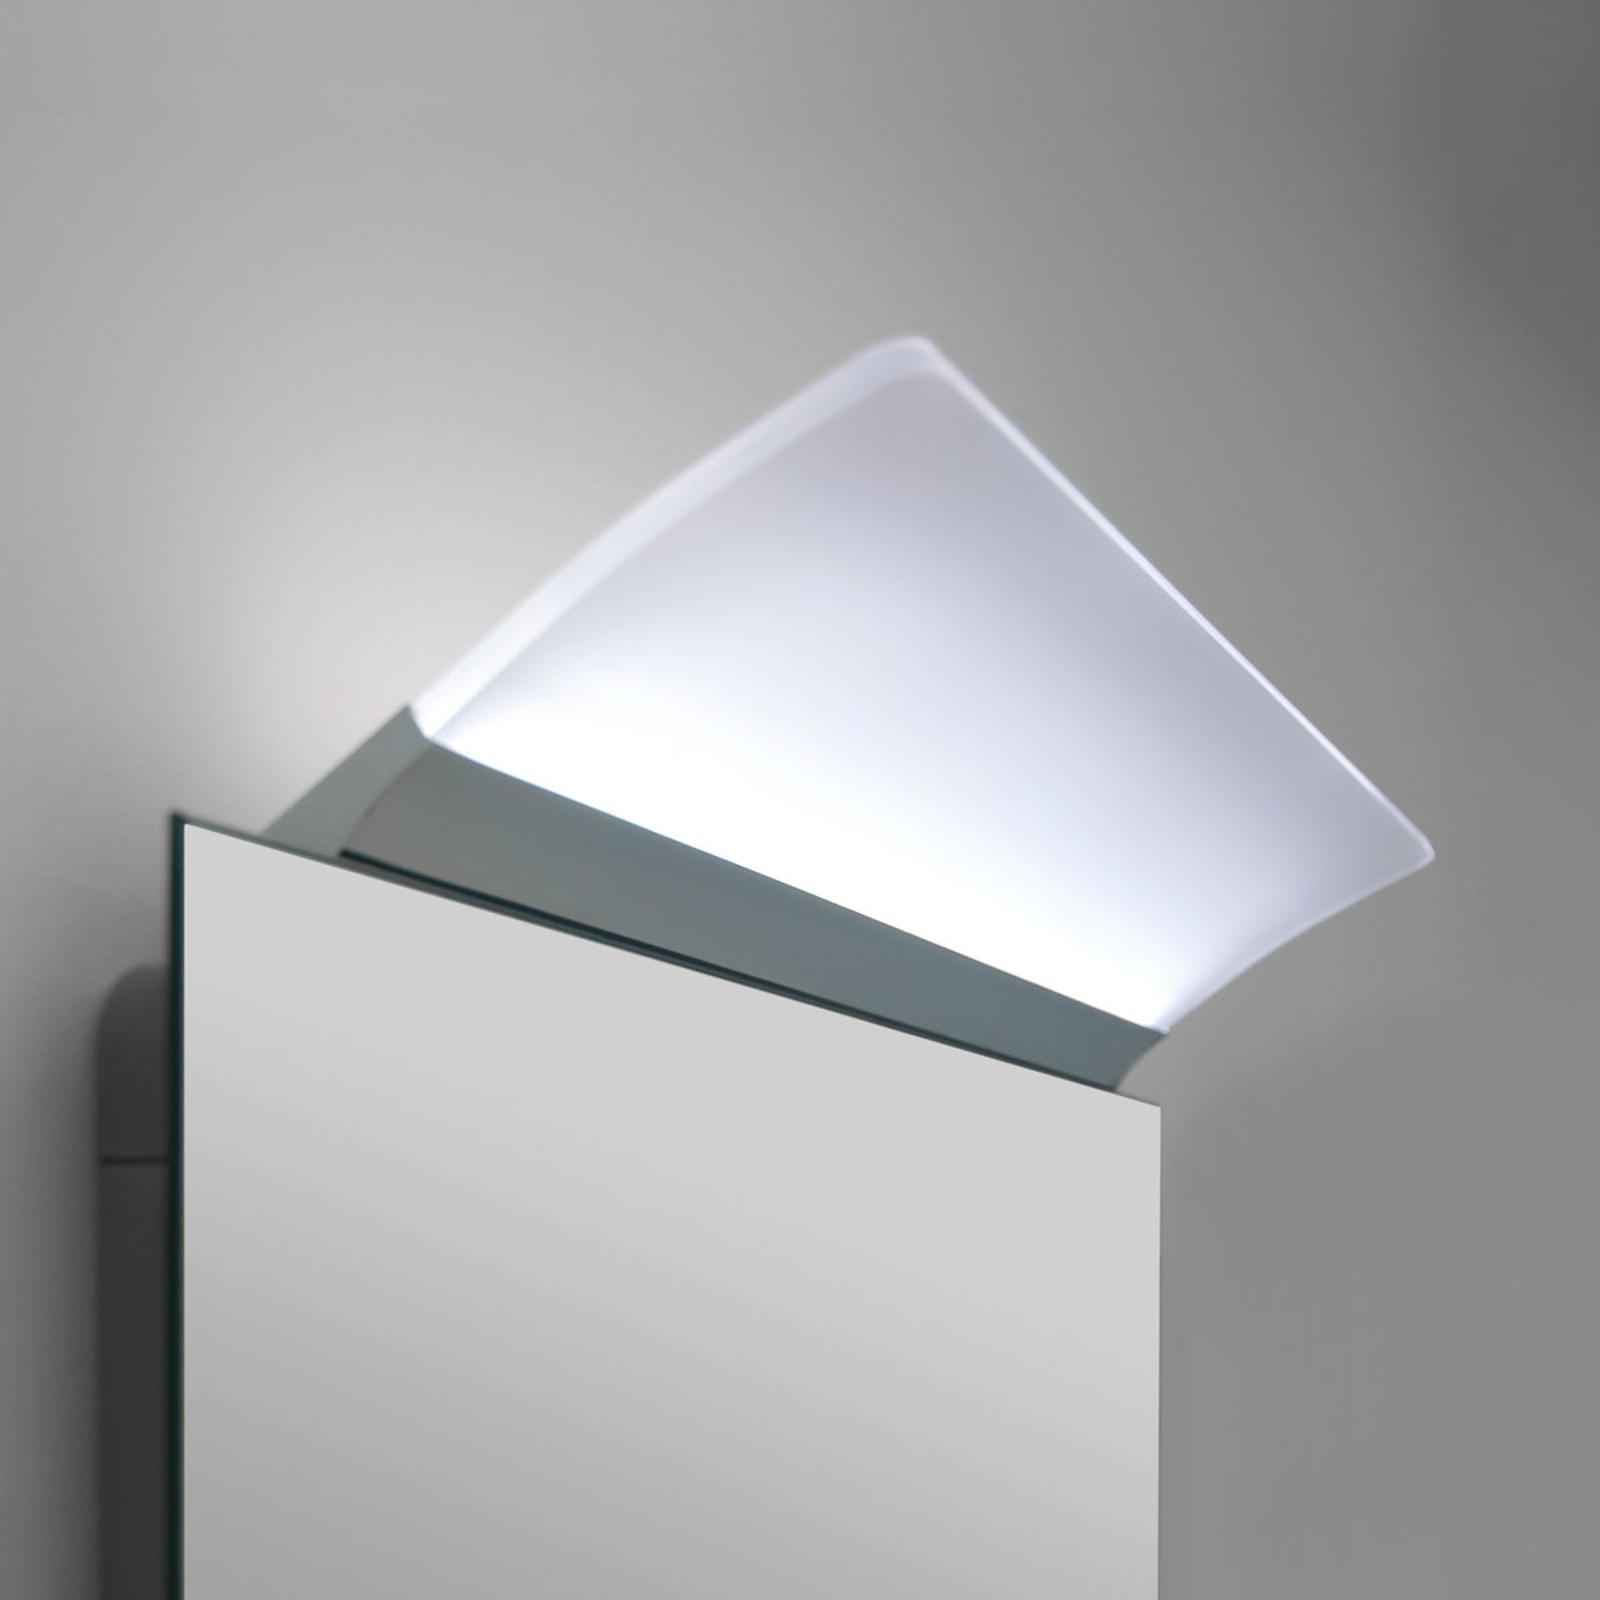 Grande applique pour miroir LED Angela IP44, 30 cm